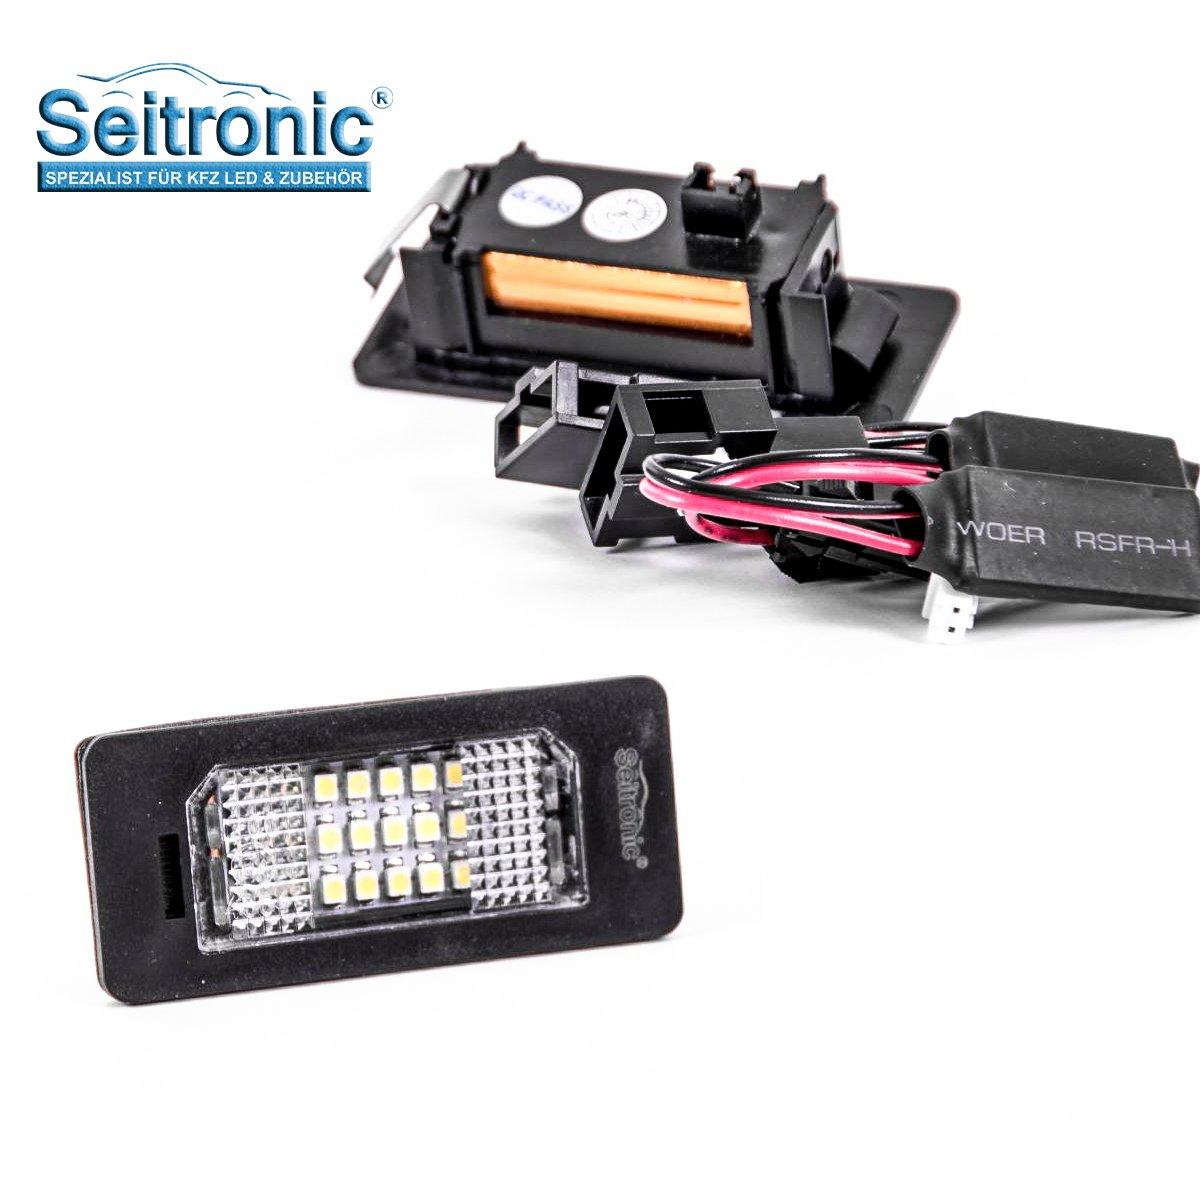 2 m/ódulos adecuados para tu veh/ículo Iluminaci/ón de matr/ícula pr/émium de alta calidad con led muy luminoso con marca de certificado E